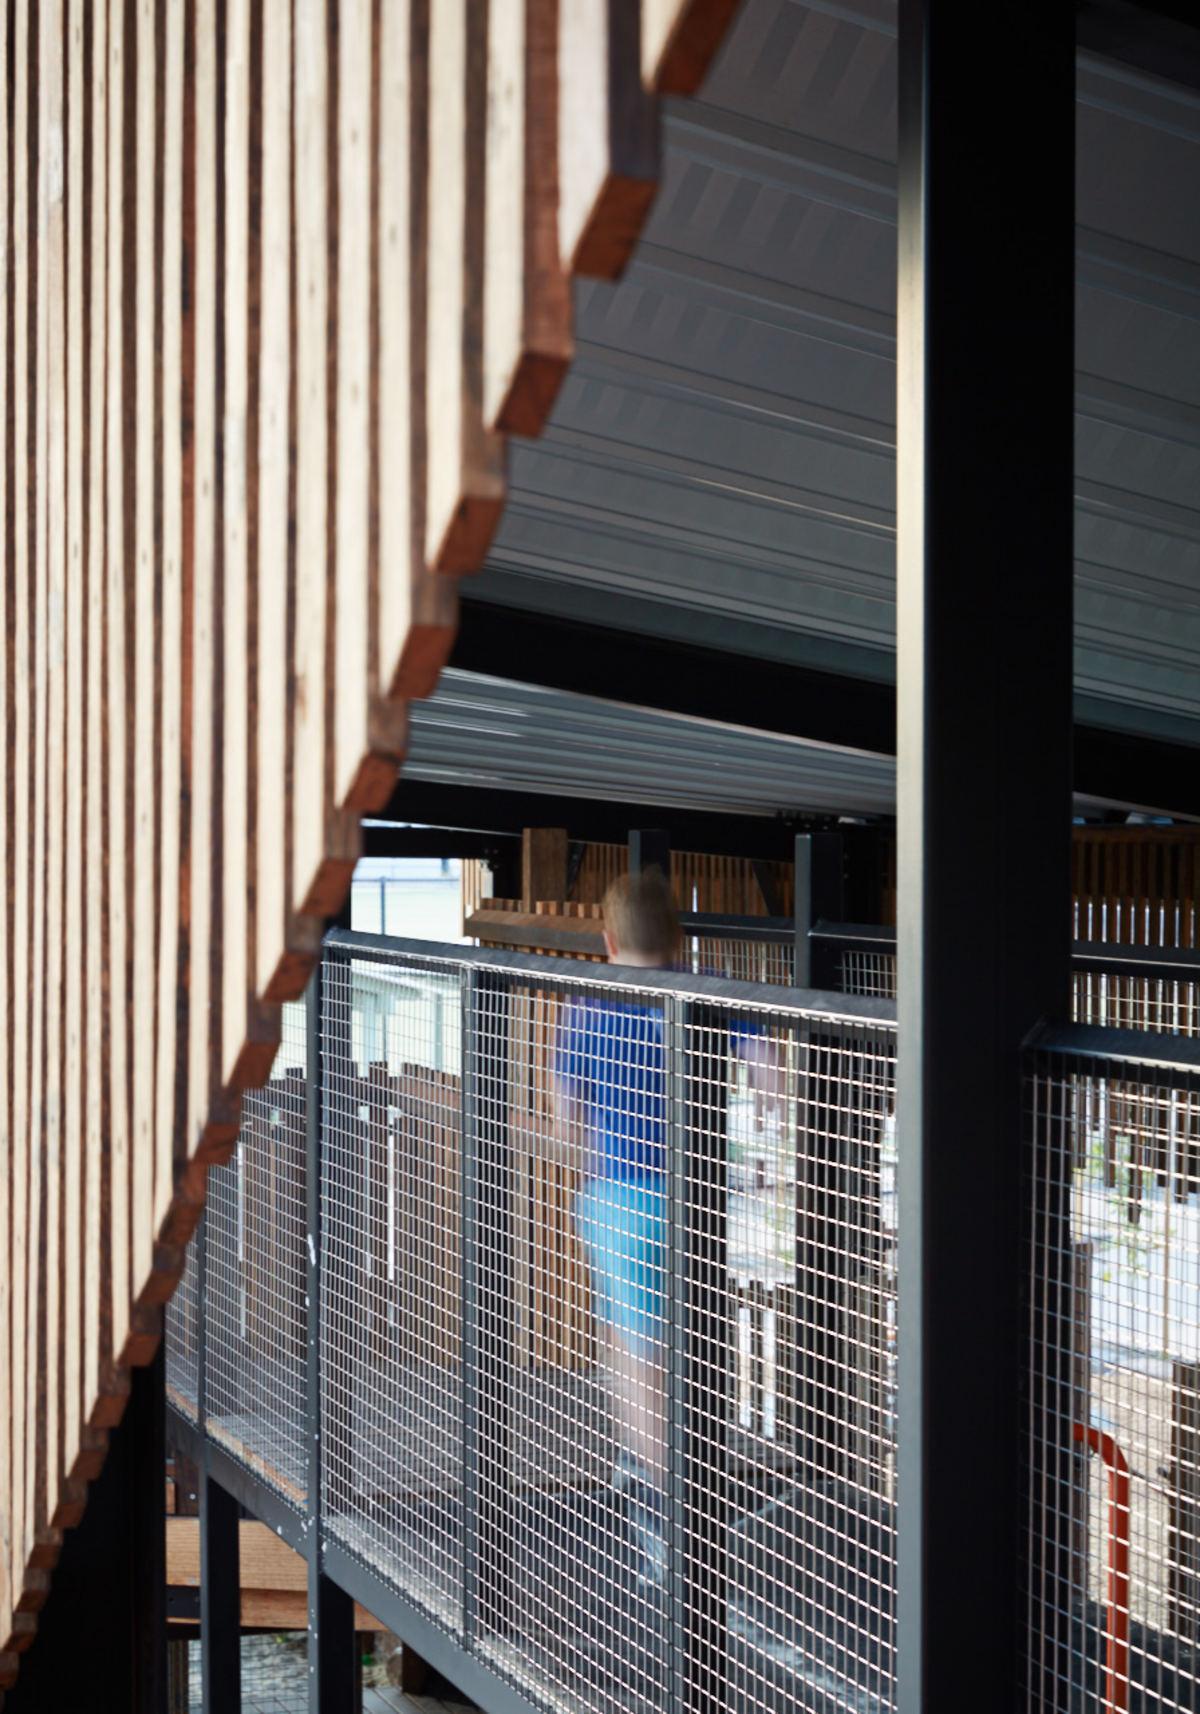 Playground design by Gardiner Architects